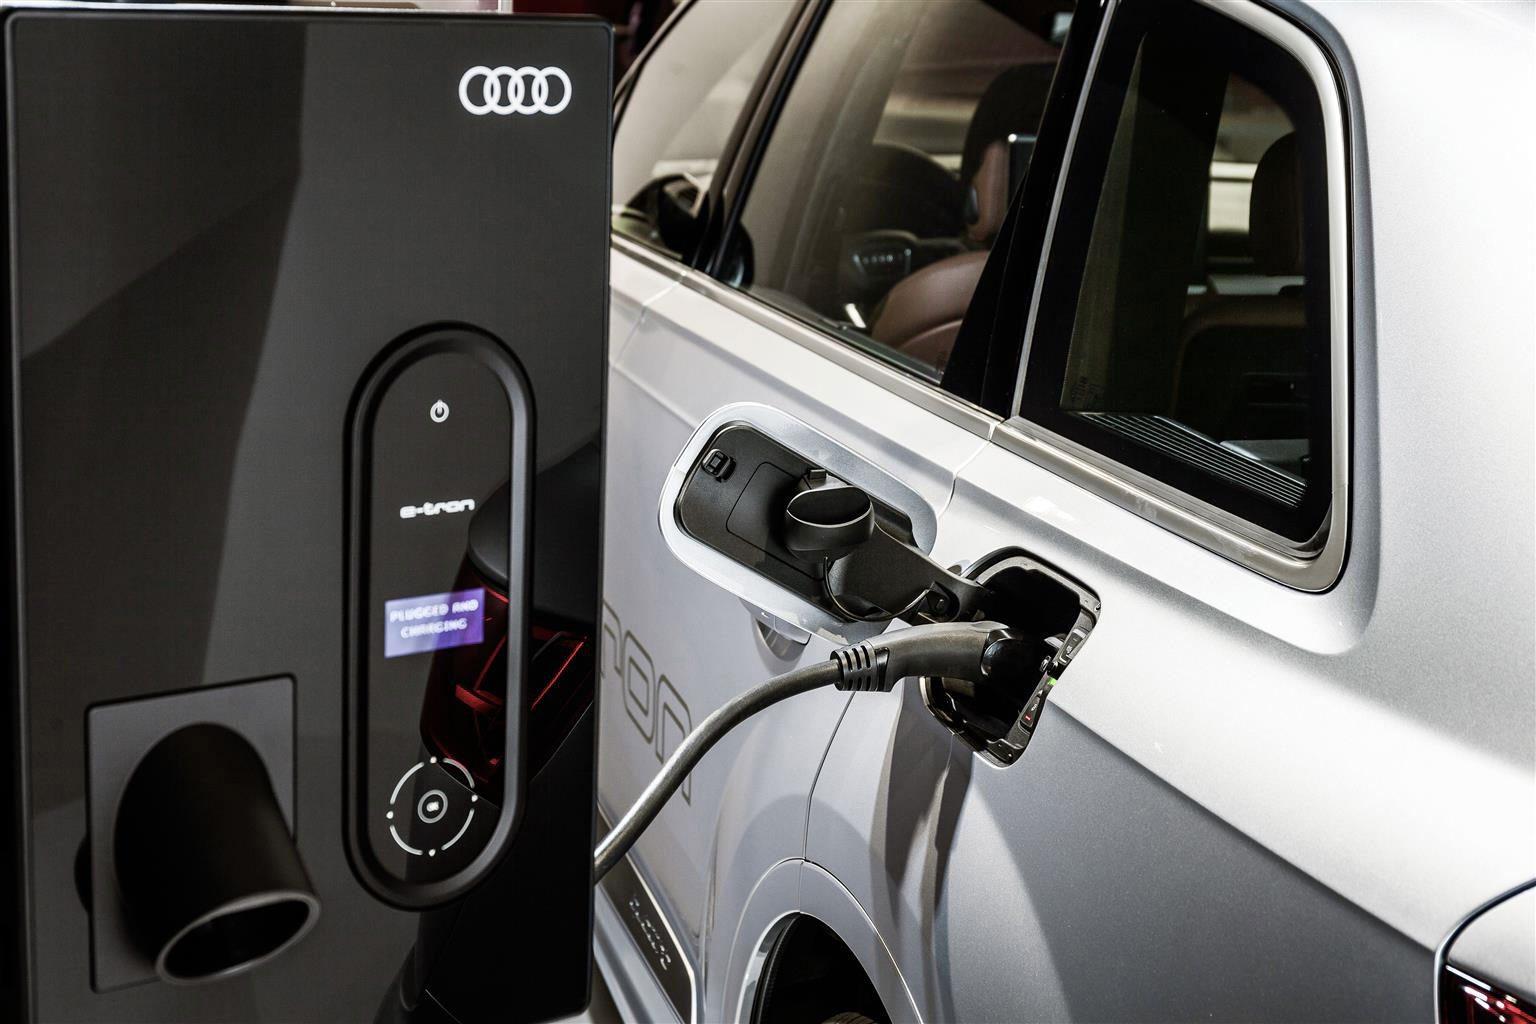 Audi Smart Energy Network: